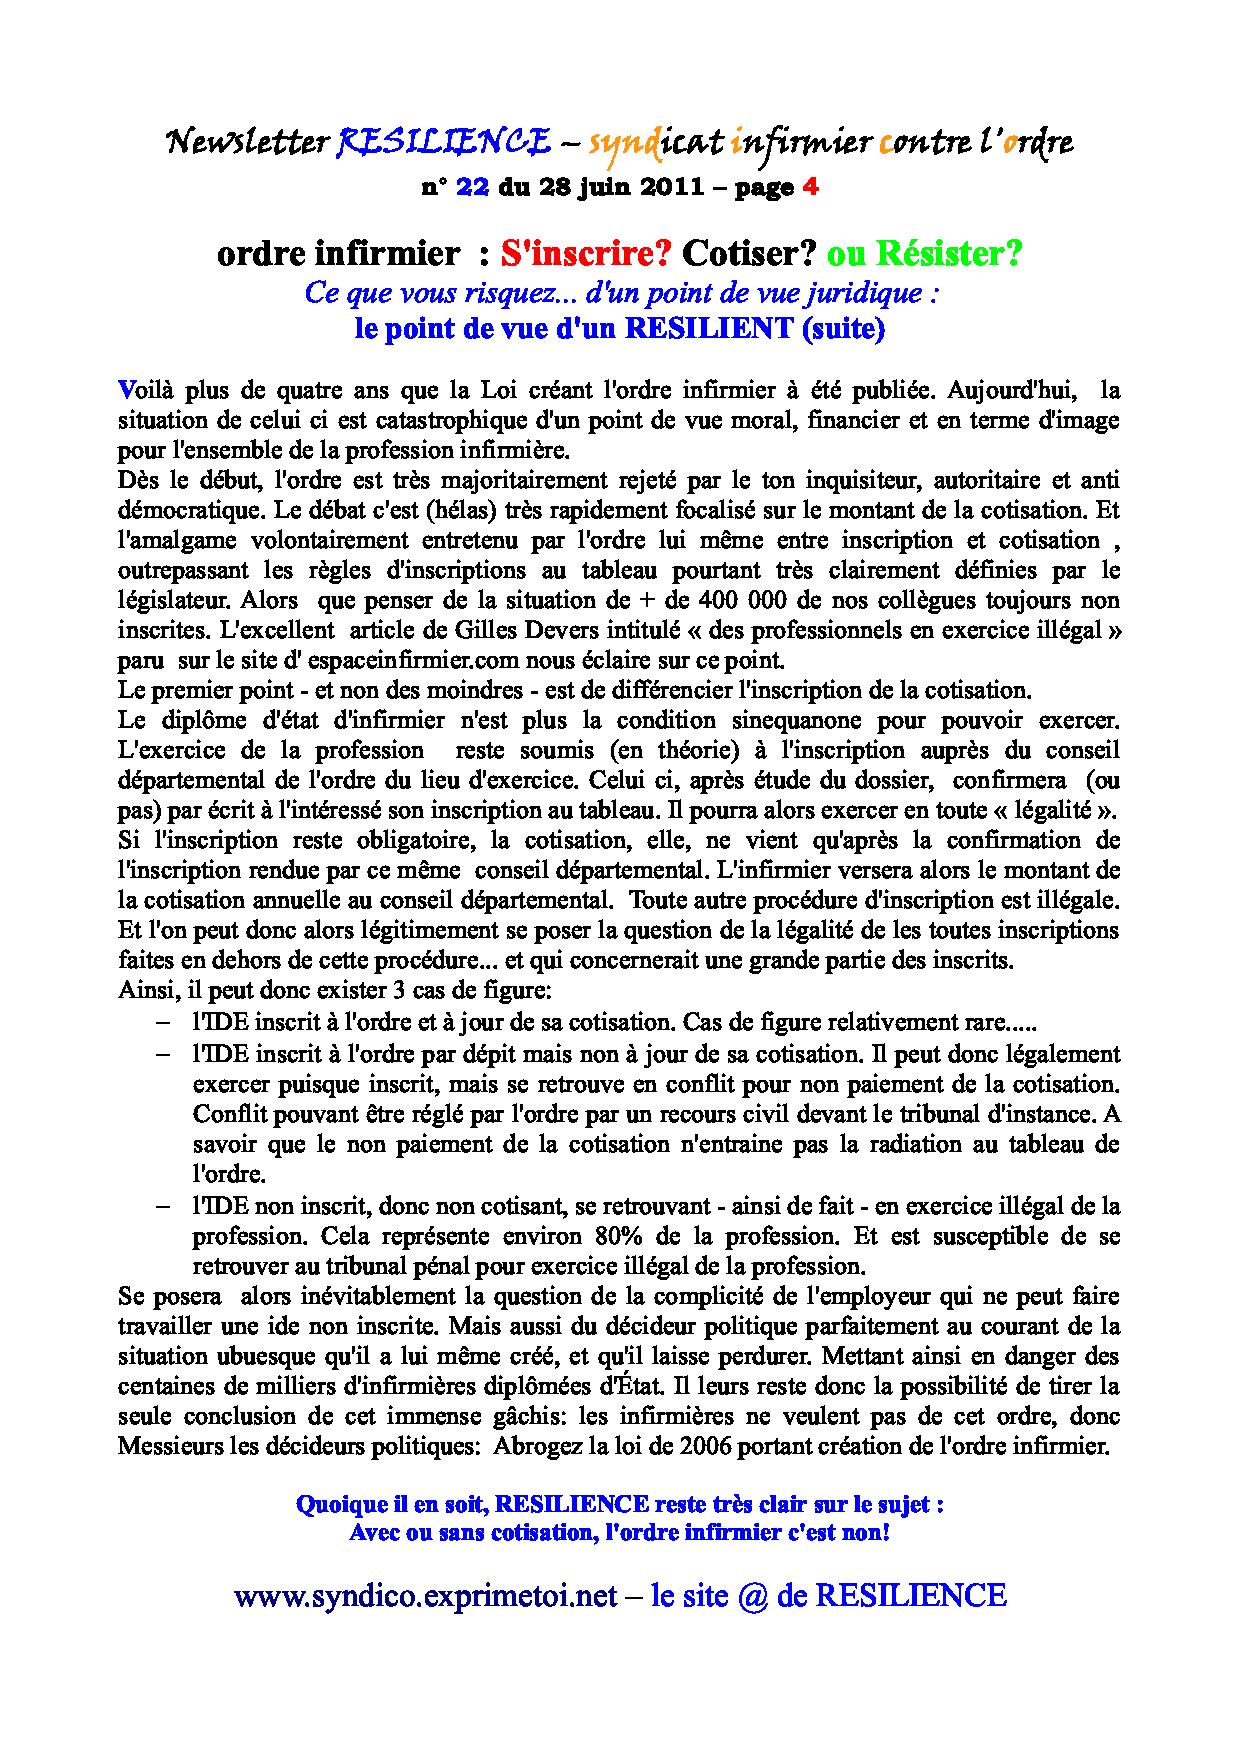 Newsletter RESILIENCE n° 22 du 28 juin 2011 1107050414311139708427953